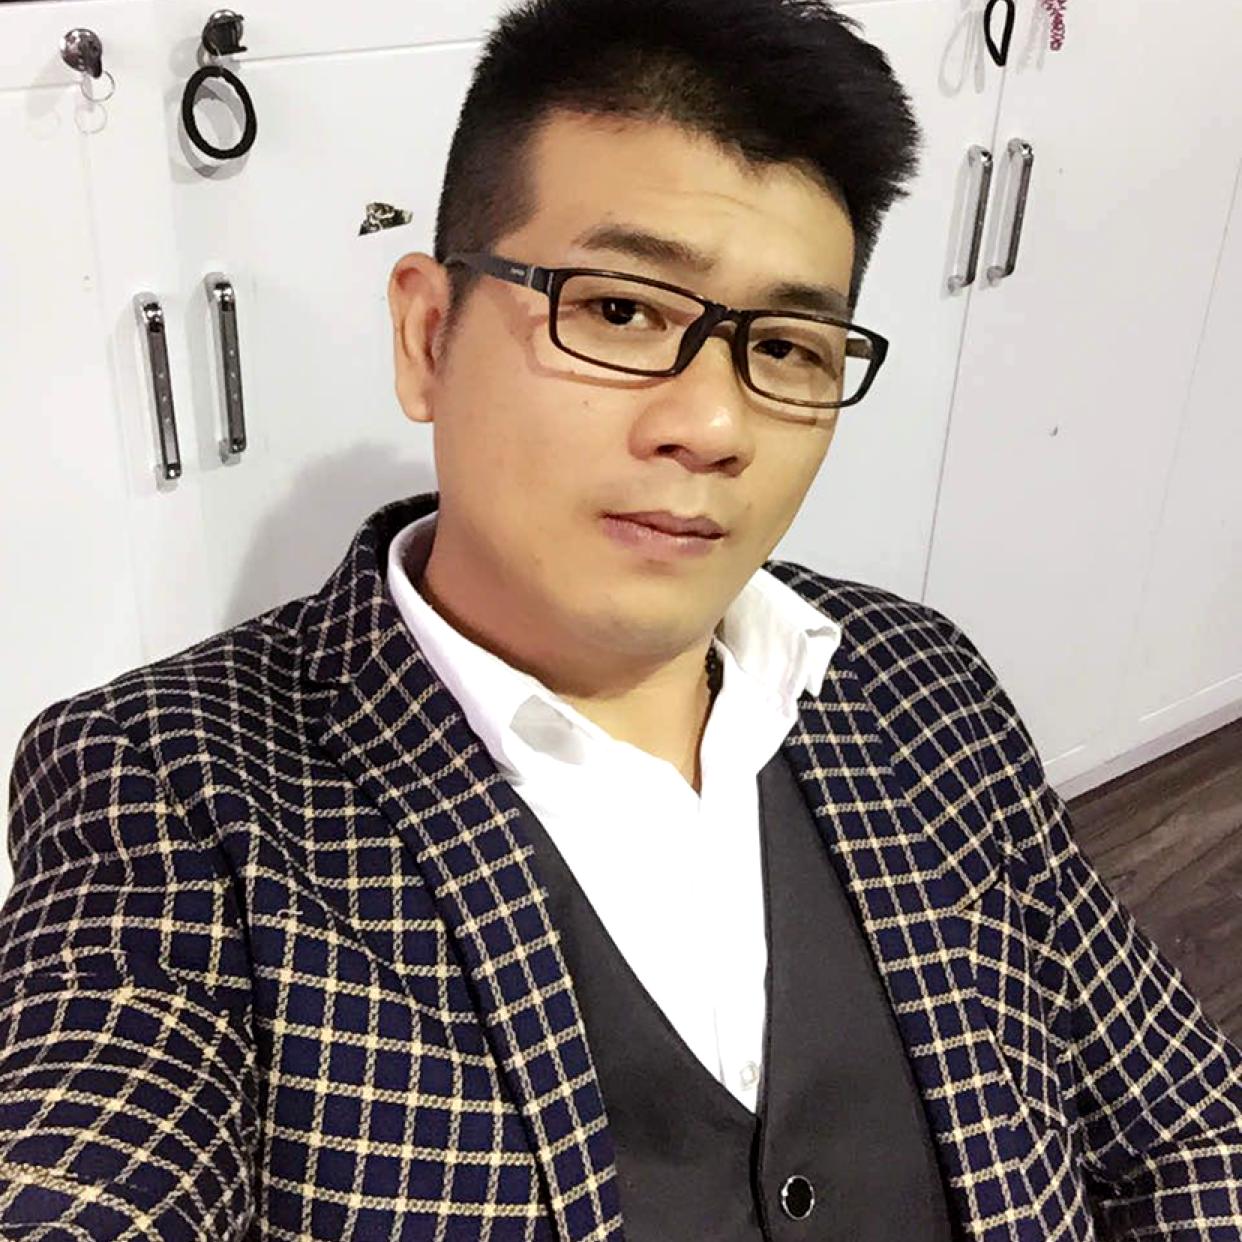 刘爽工作室